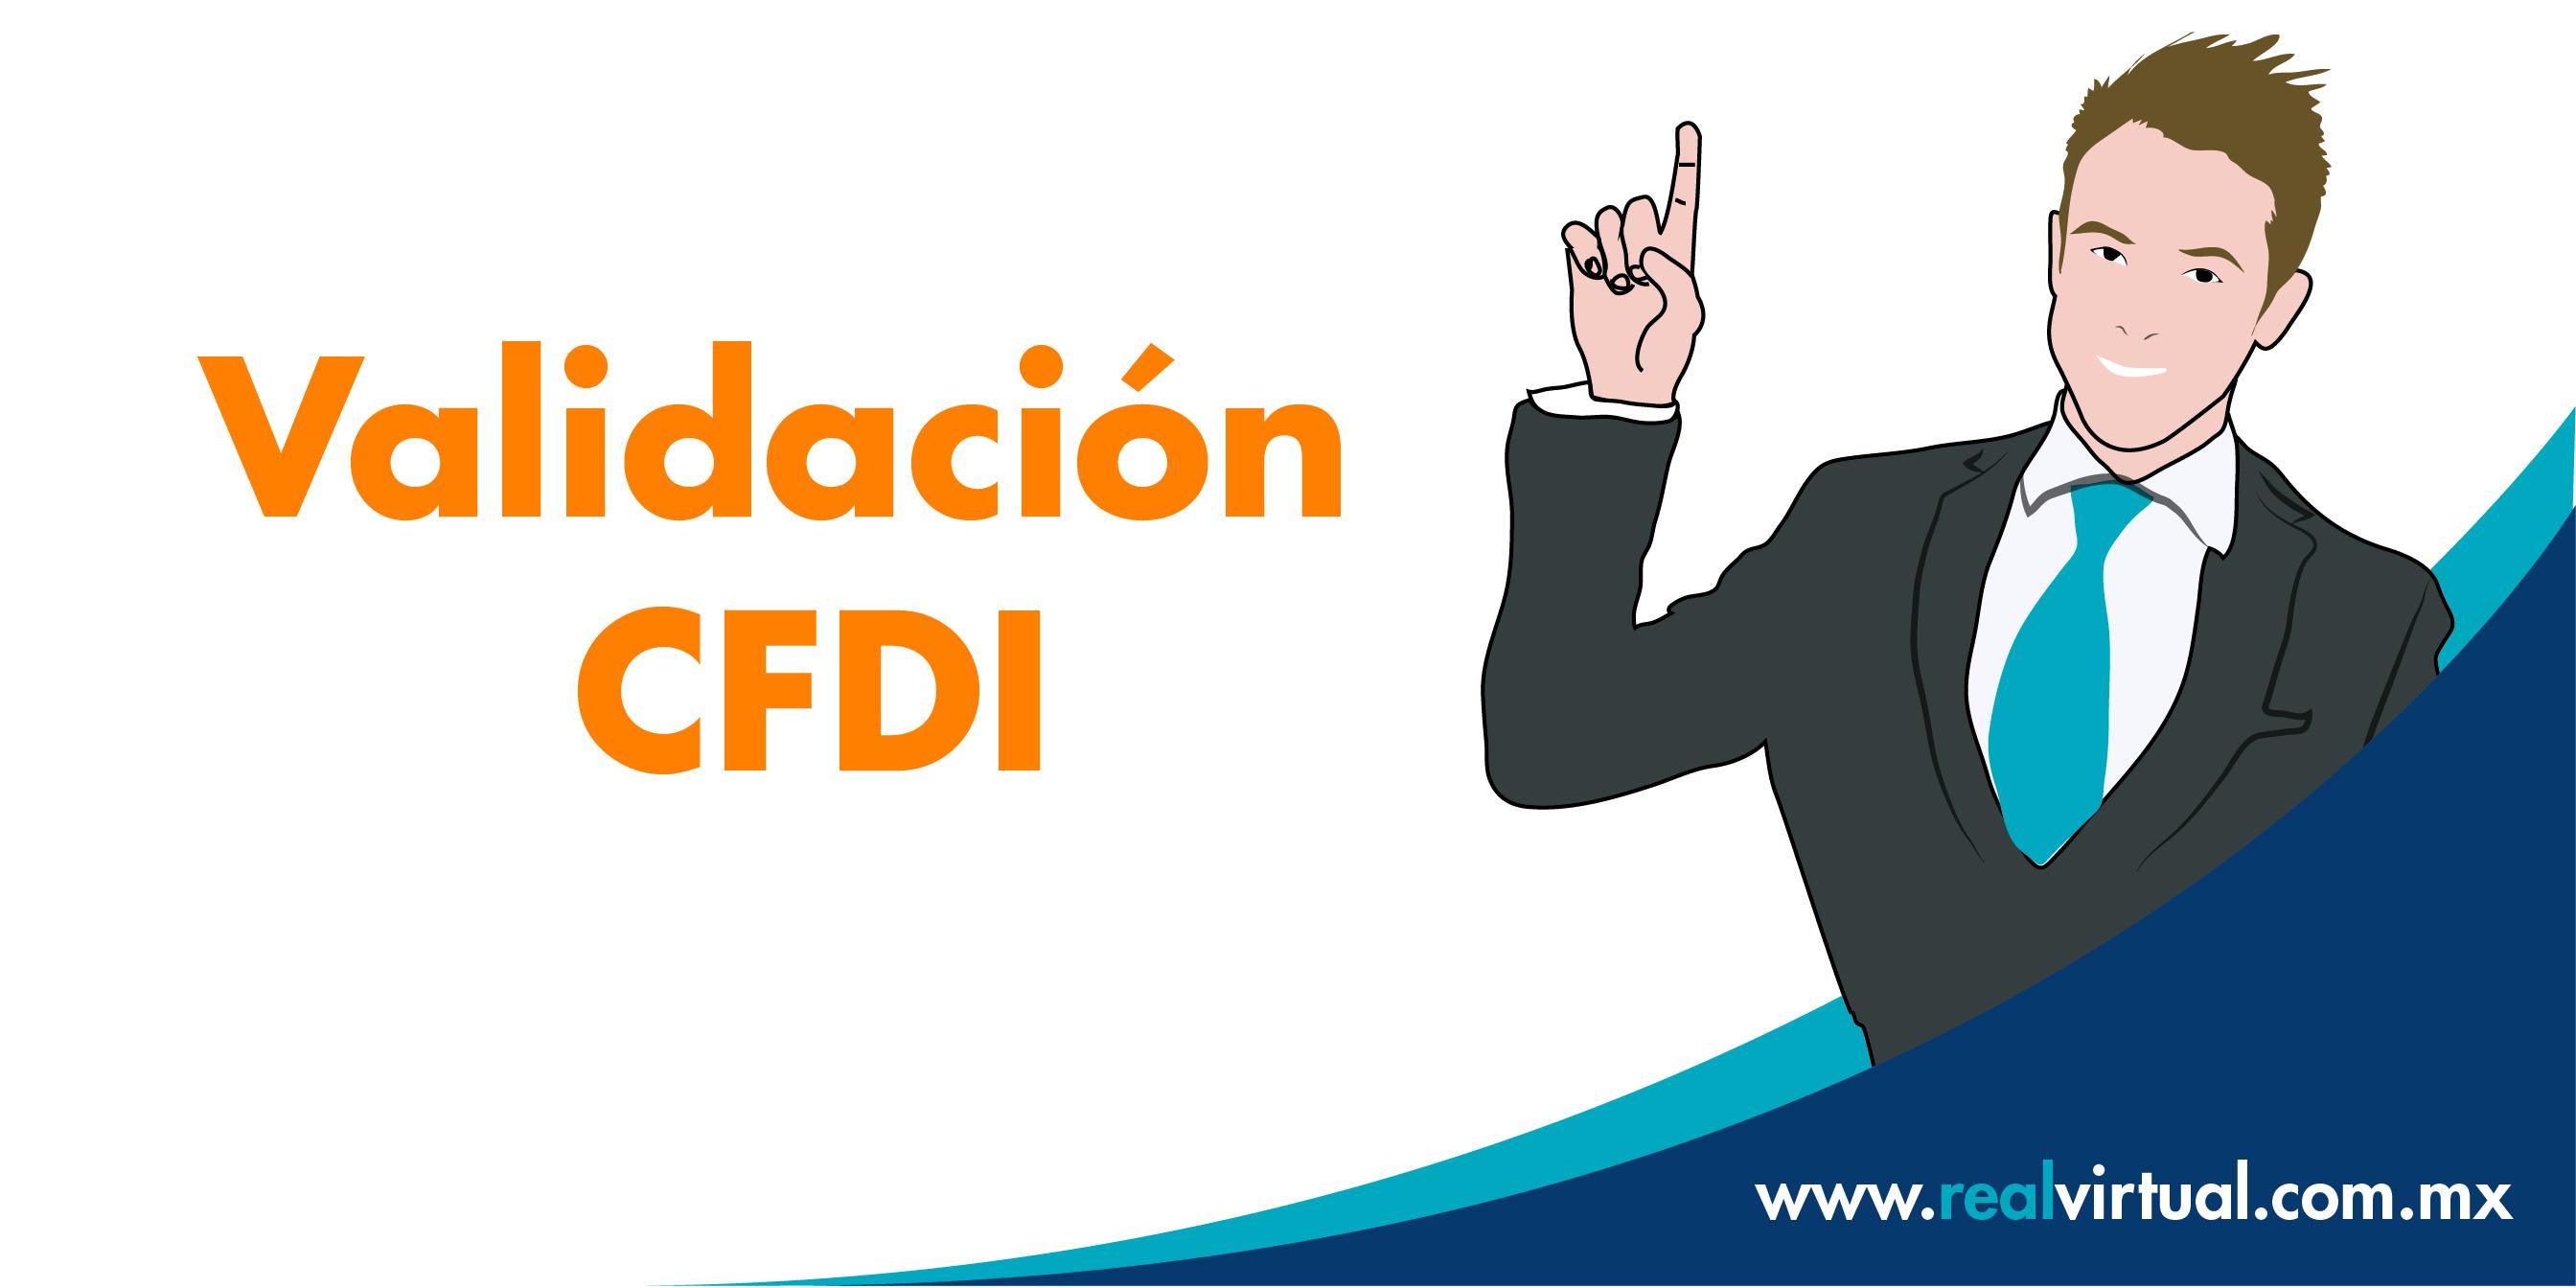 Validación CFDI